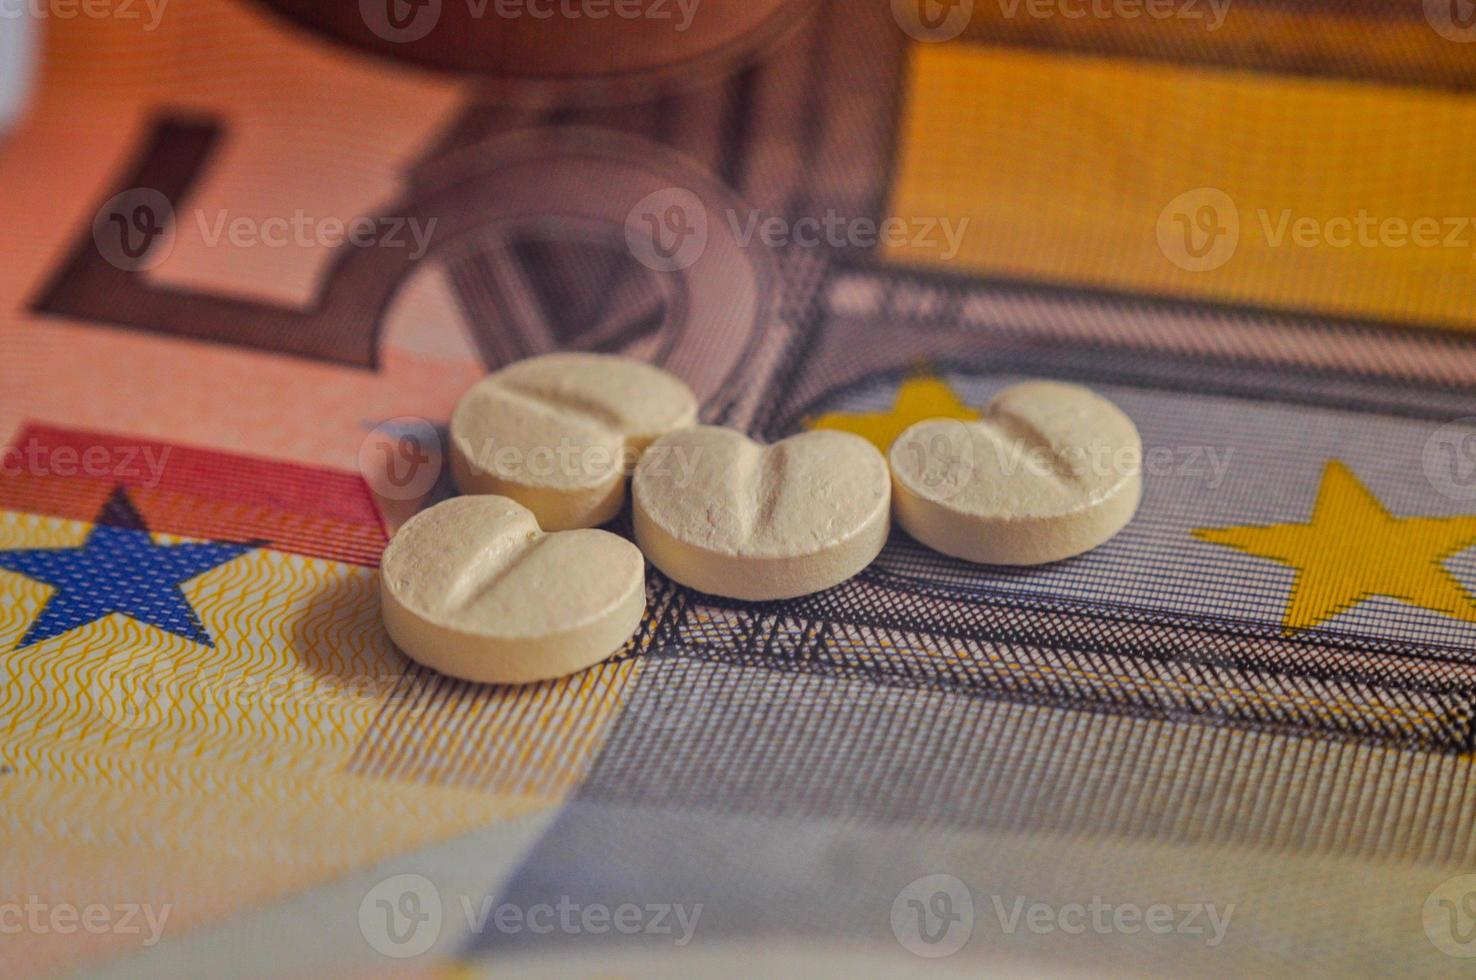 Medicinas foto